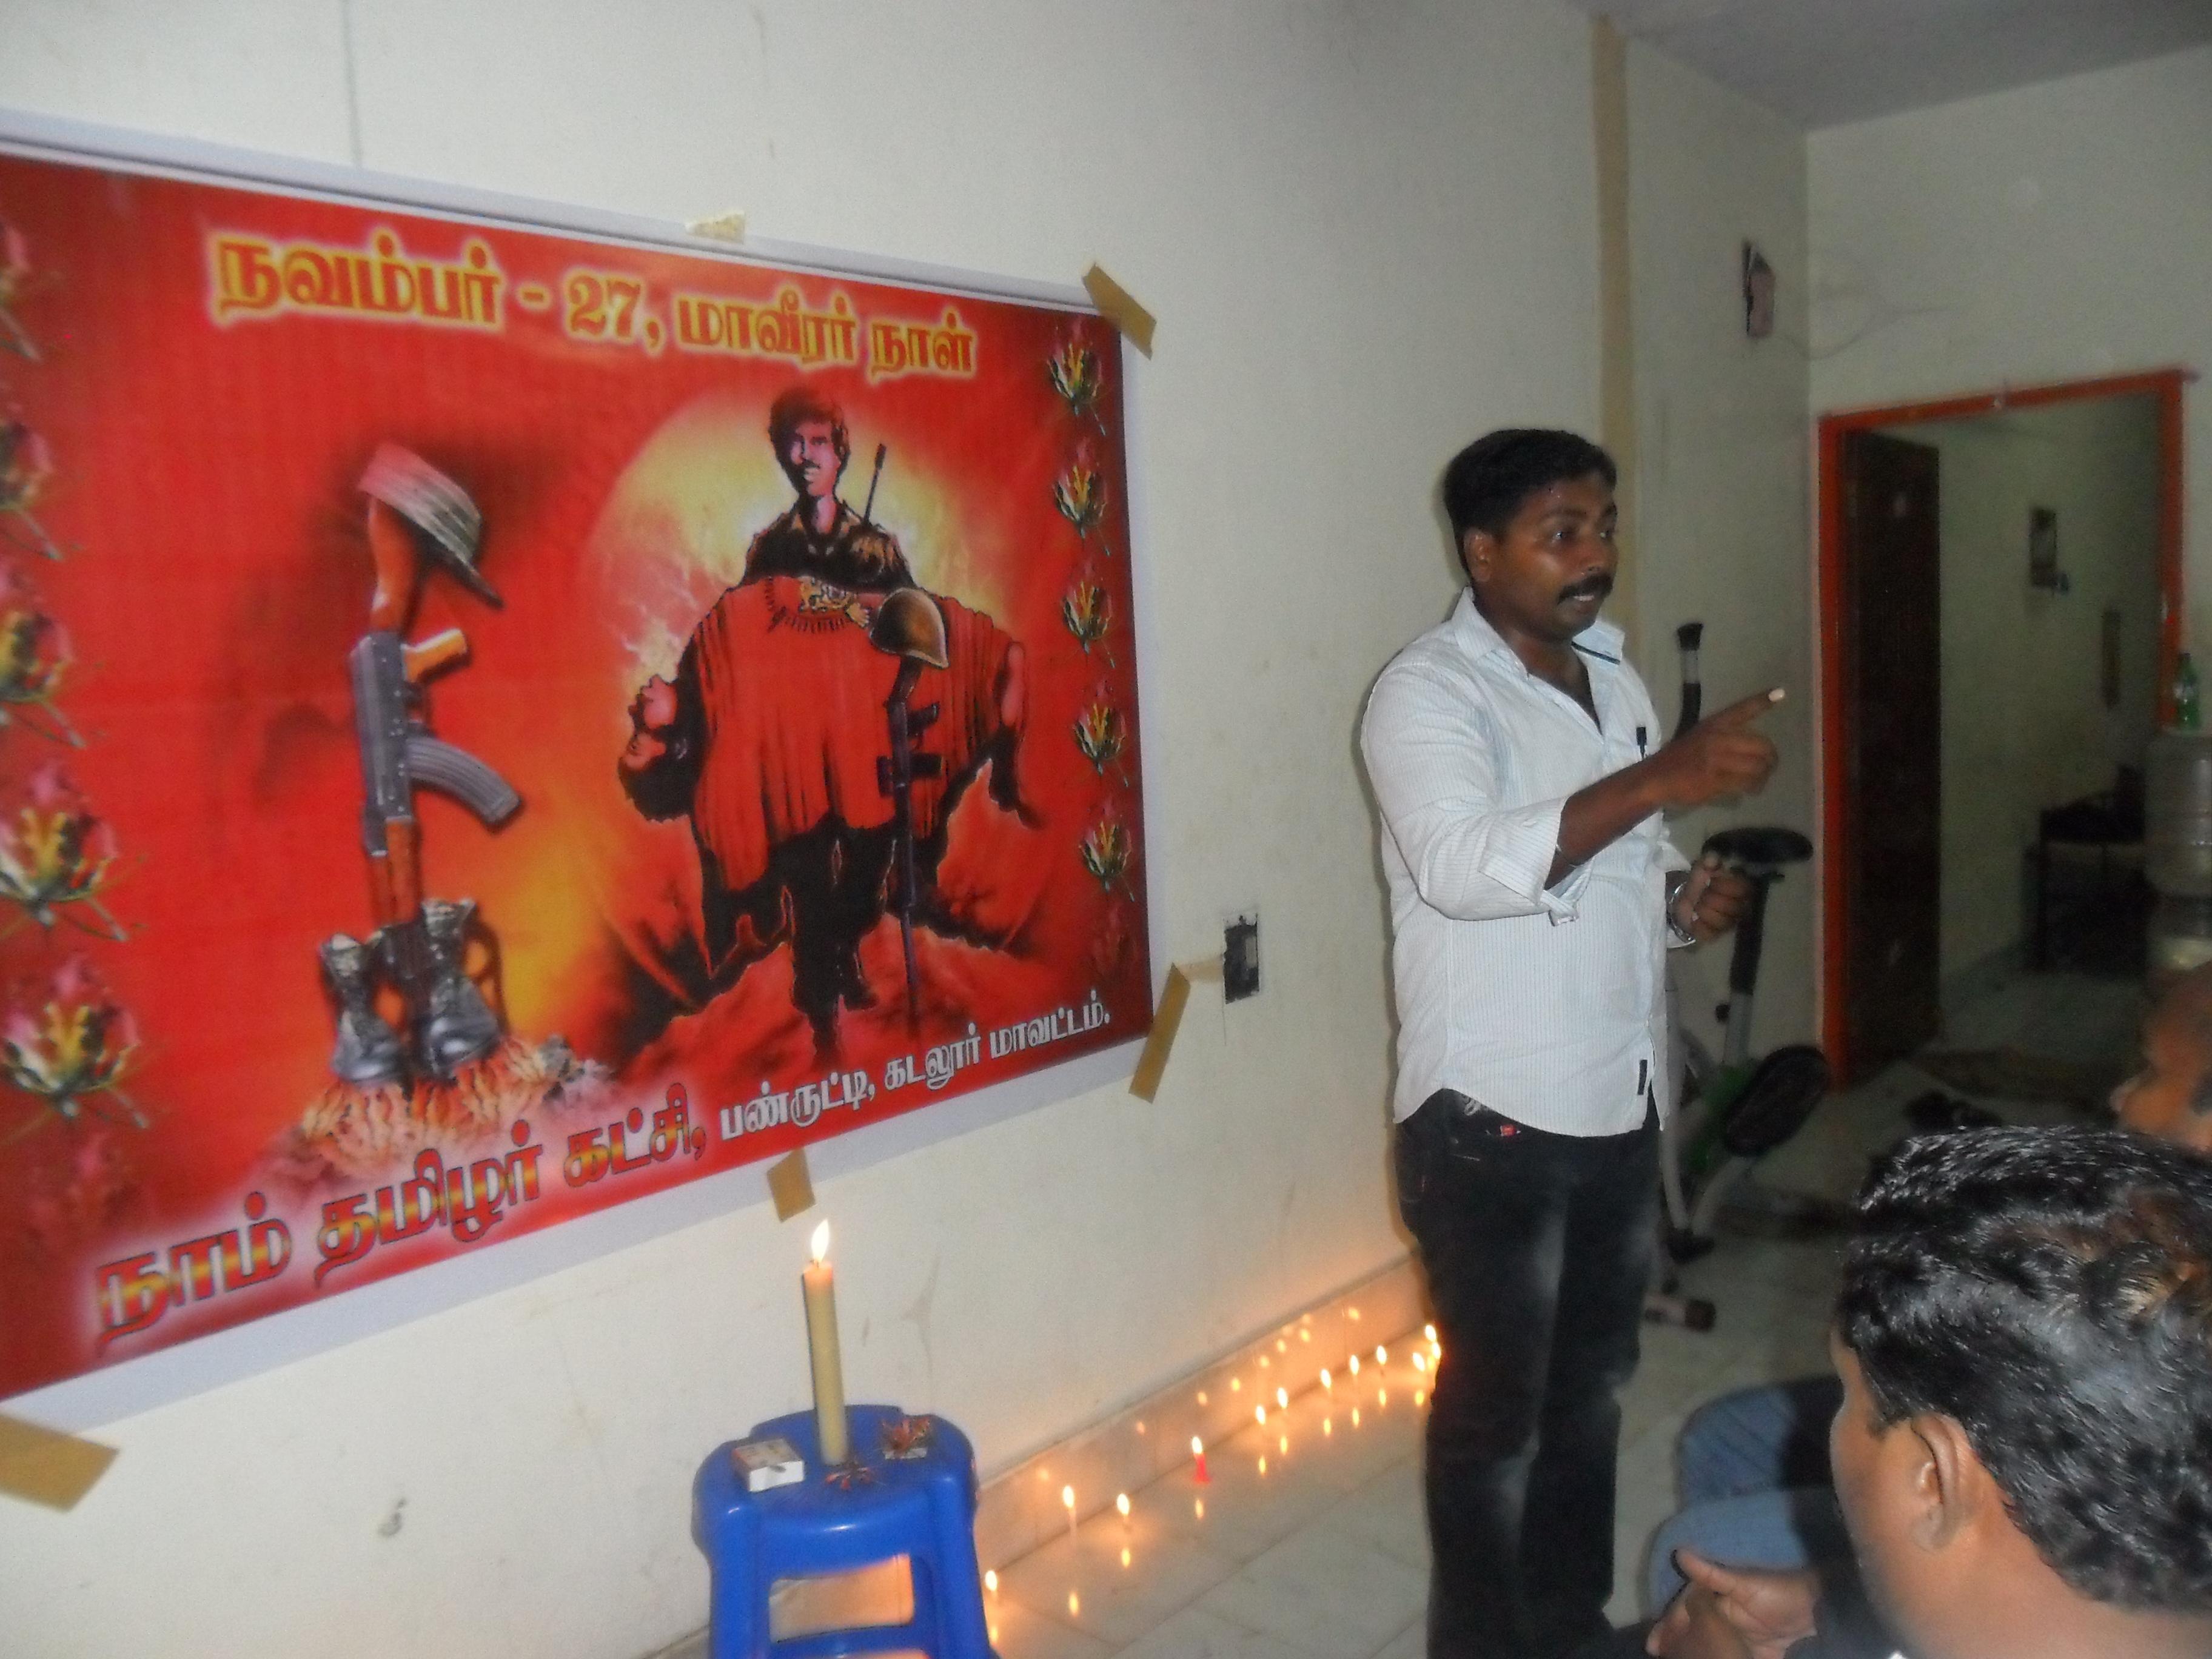 கடலூர் மாவட்ட நாம் தமிழர் கட்சி சார்பில் மாவீரர் நாள்